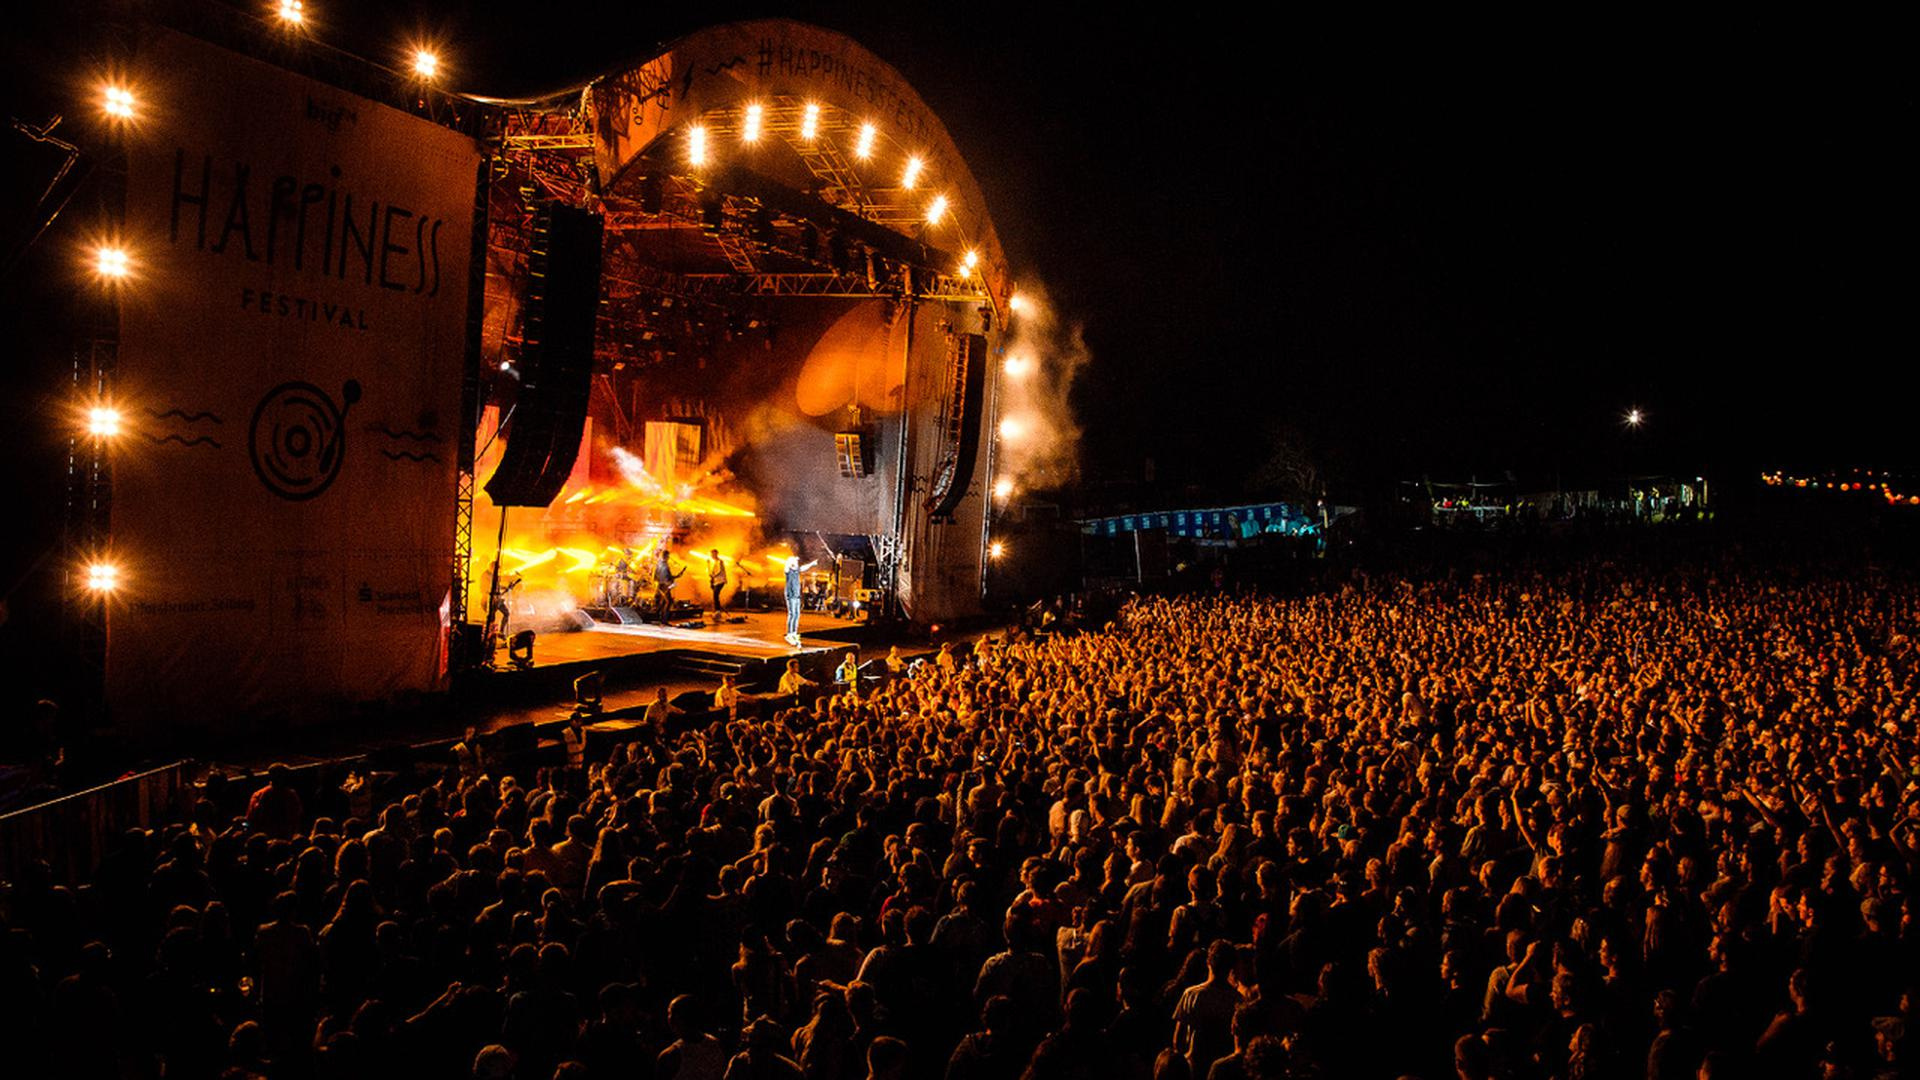 Bühne und Menschenmenge beim Happiness-Festival in Straubenhardt.